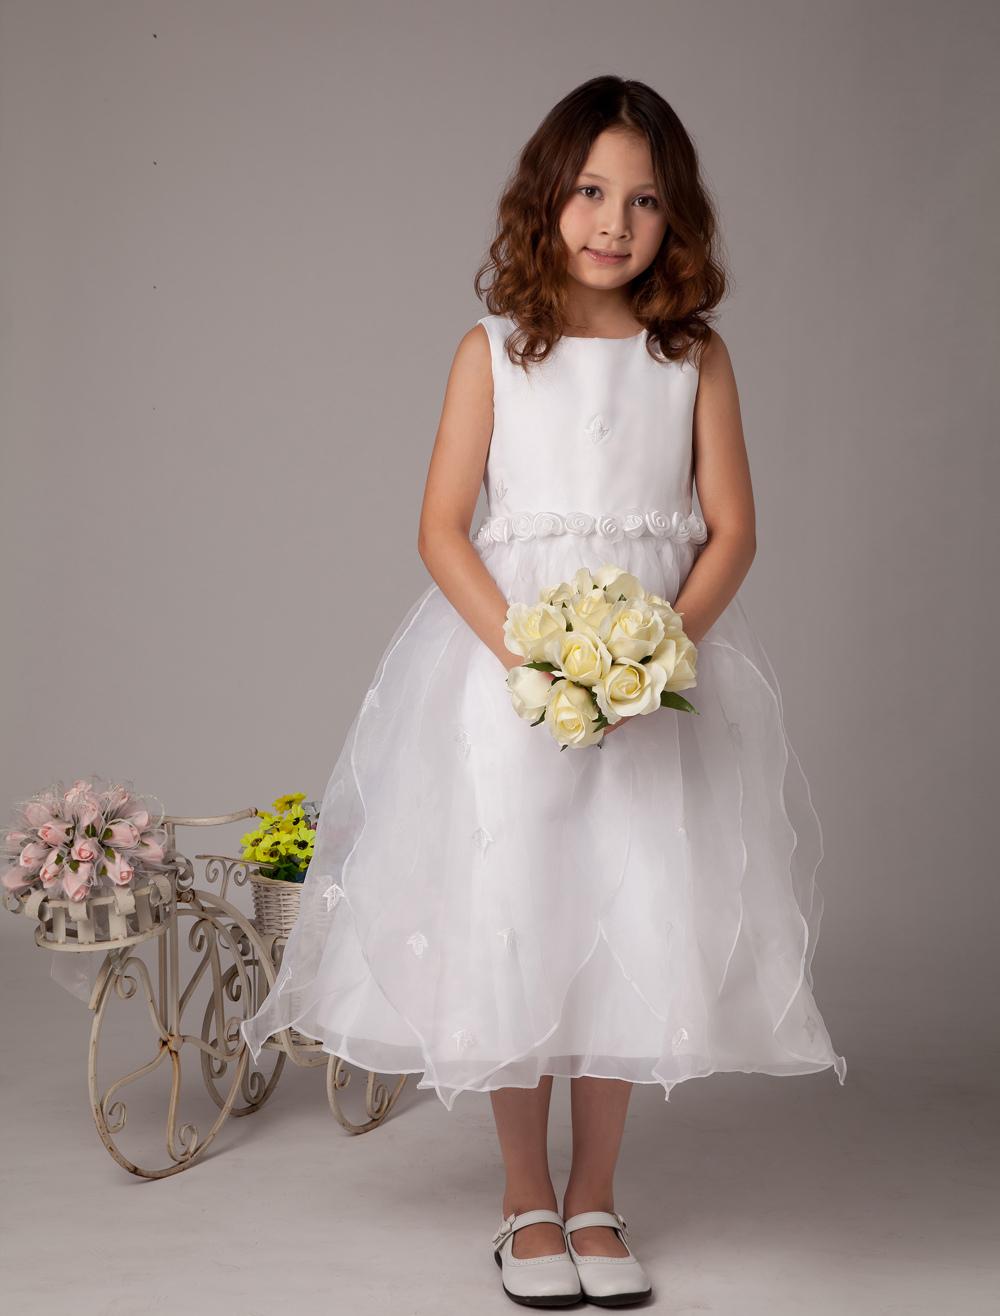 a2155bef8b7d Sweet White A-line Satin First Communion Dress - Milanoo.com